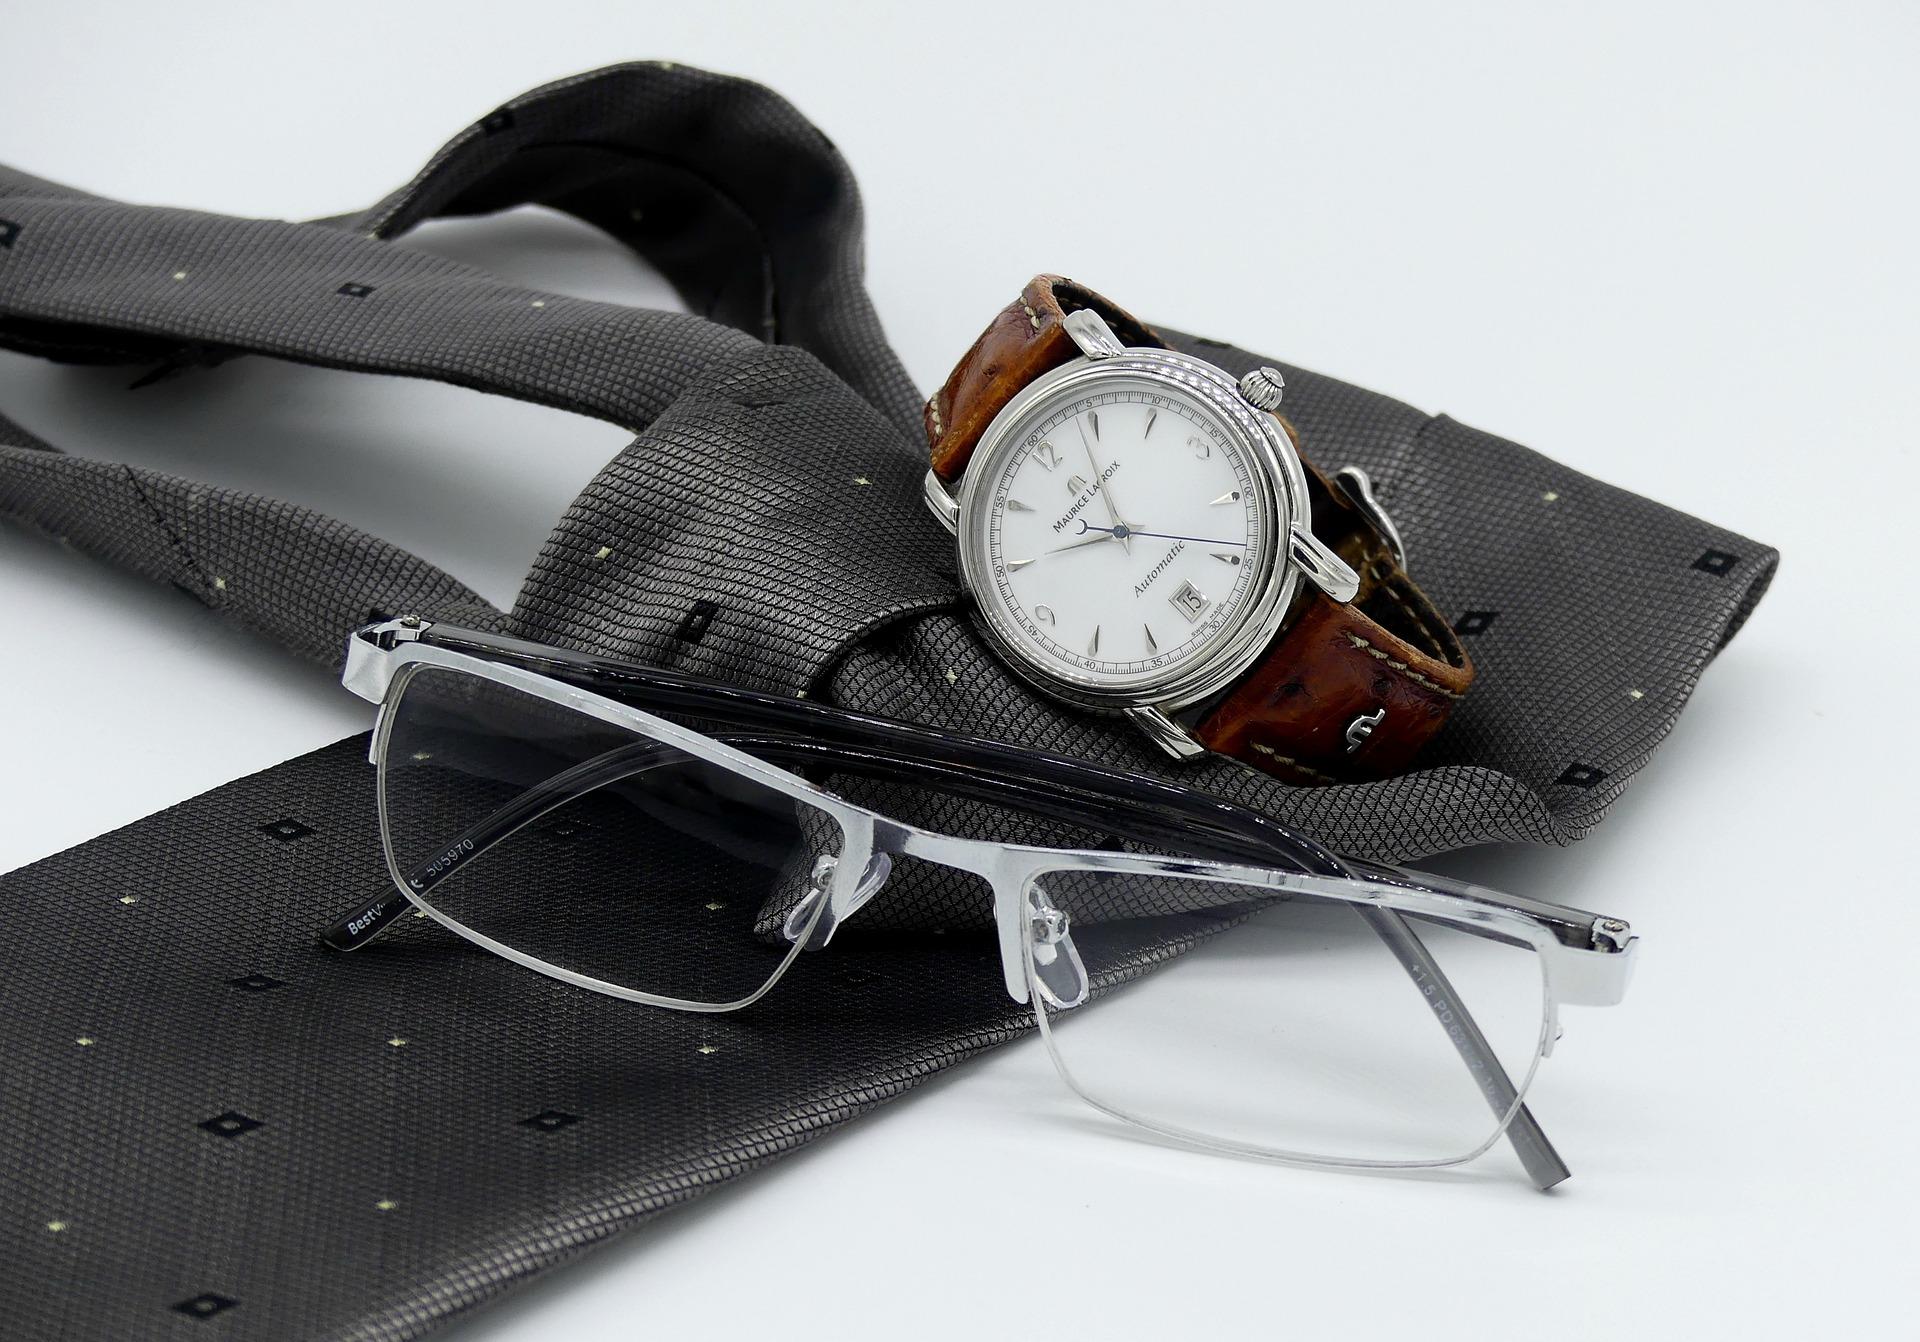 Zegarki męskie Orient - japońska dokładność w każdym calu!